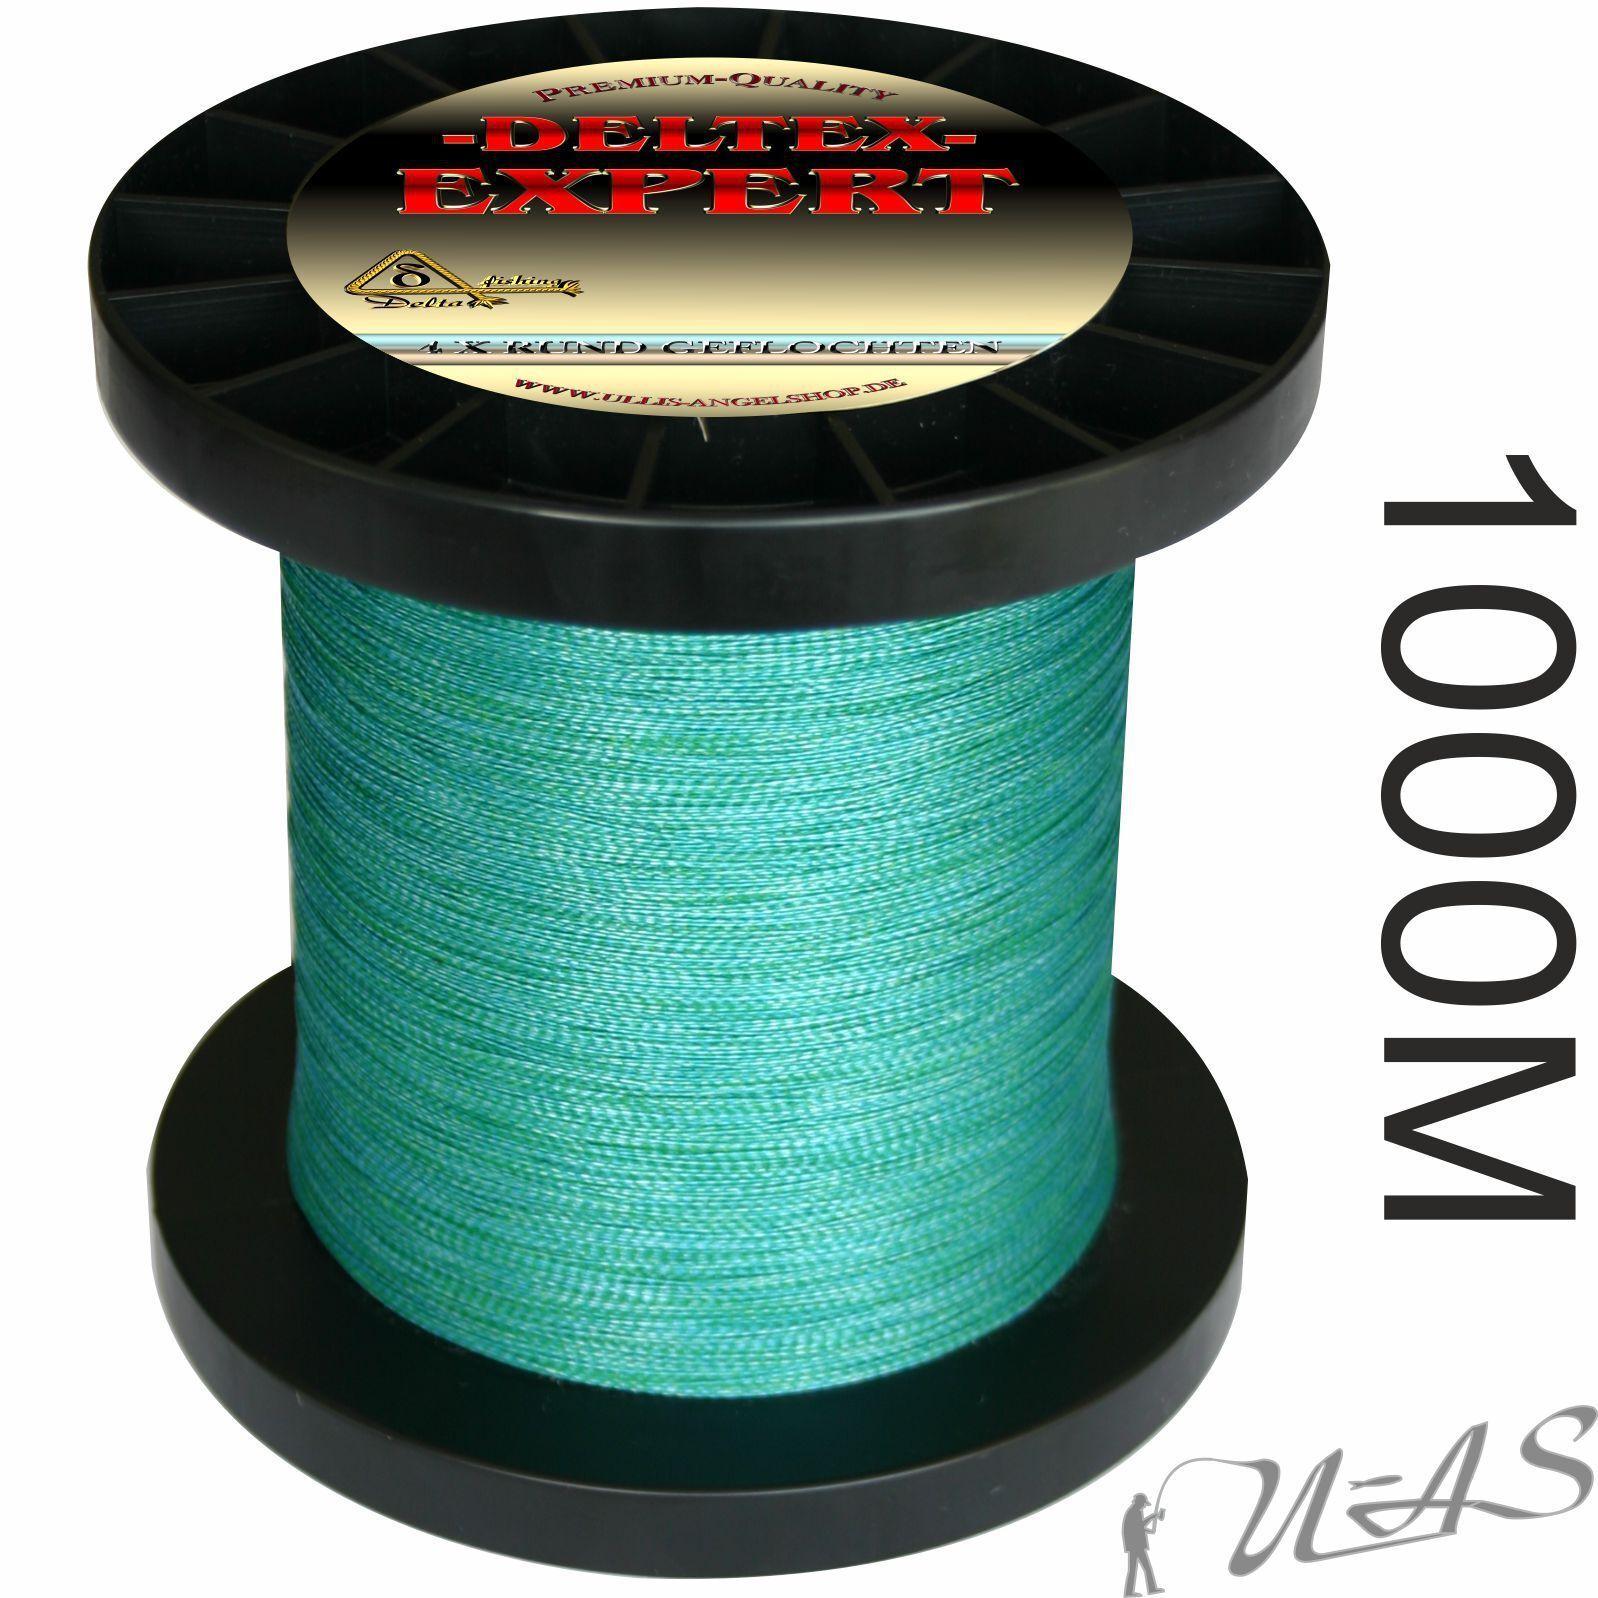 Deltex Expert Marronee Blu 1000m 4 volte circa intrecciato lenza DYNEEMA PE RBA